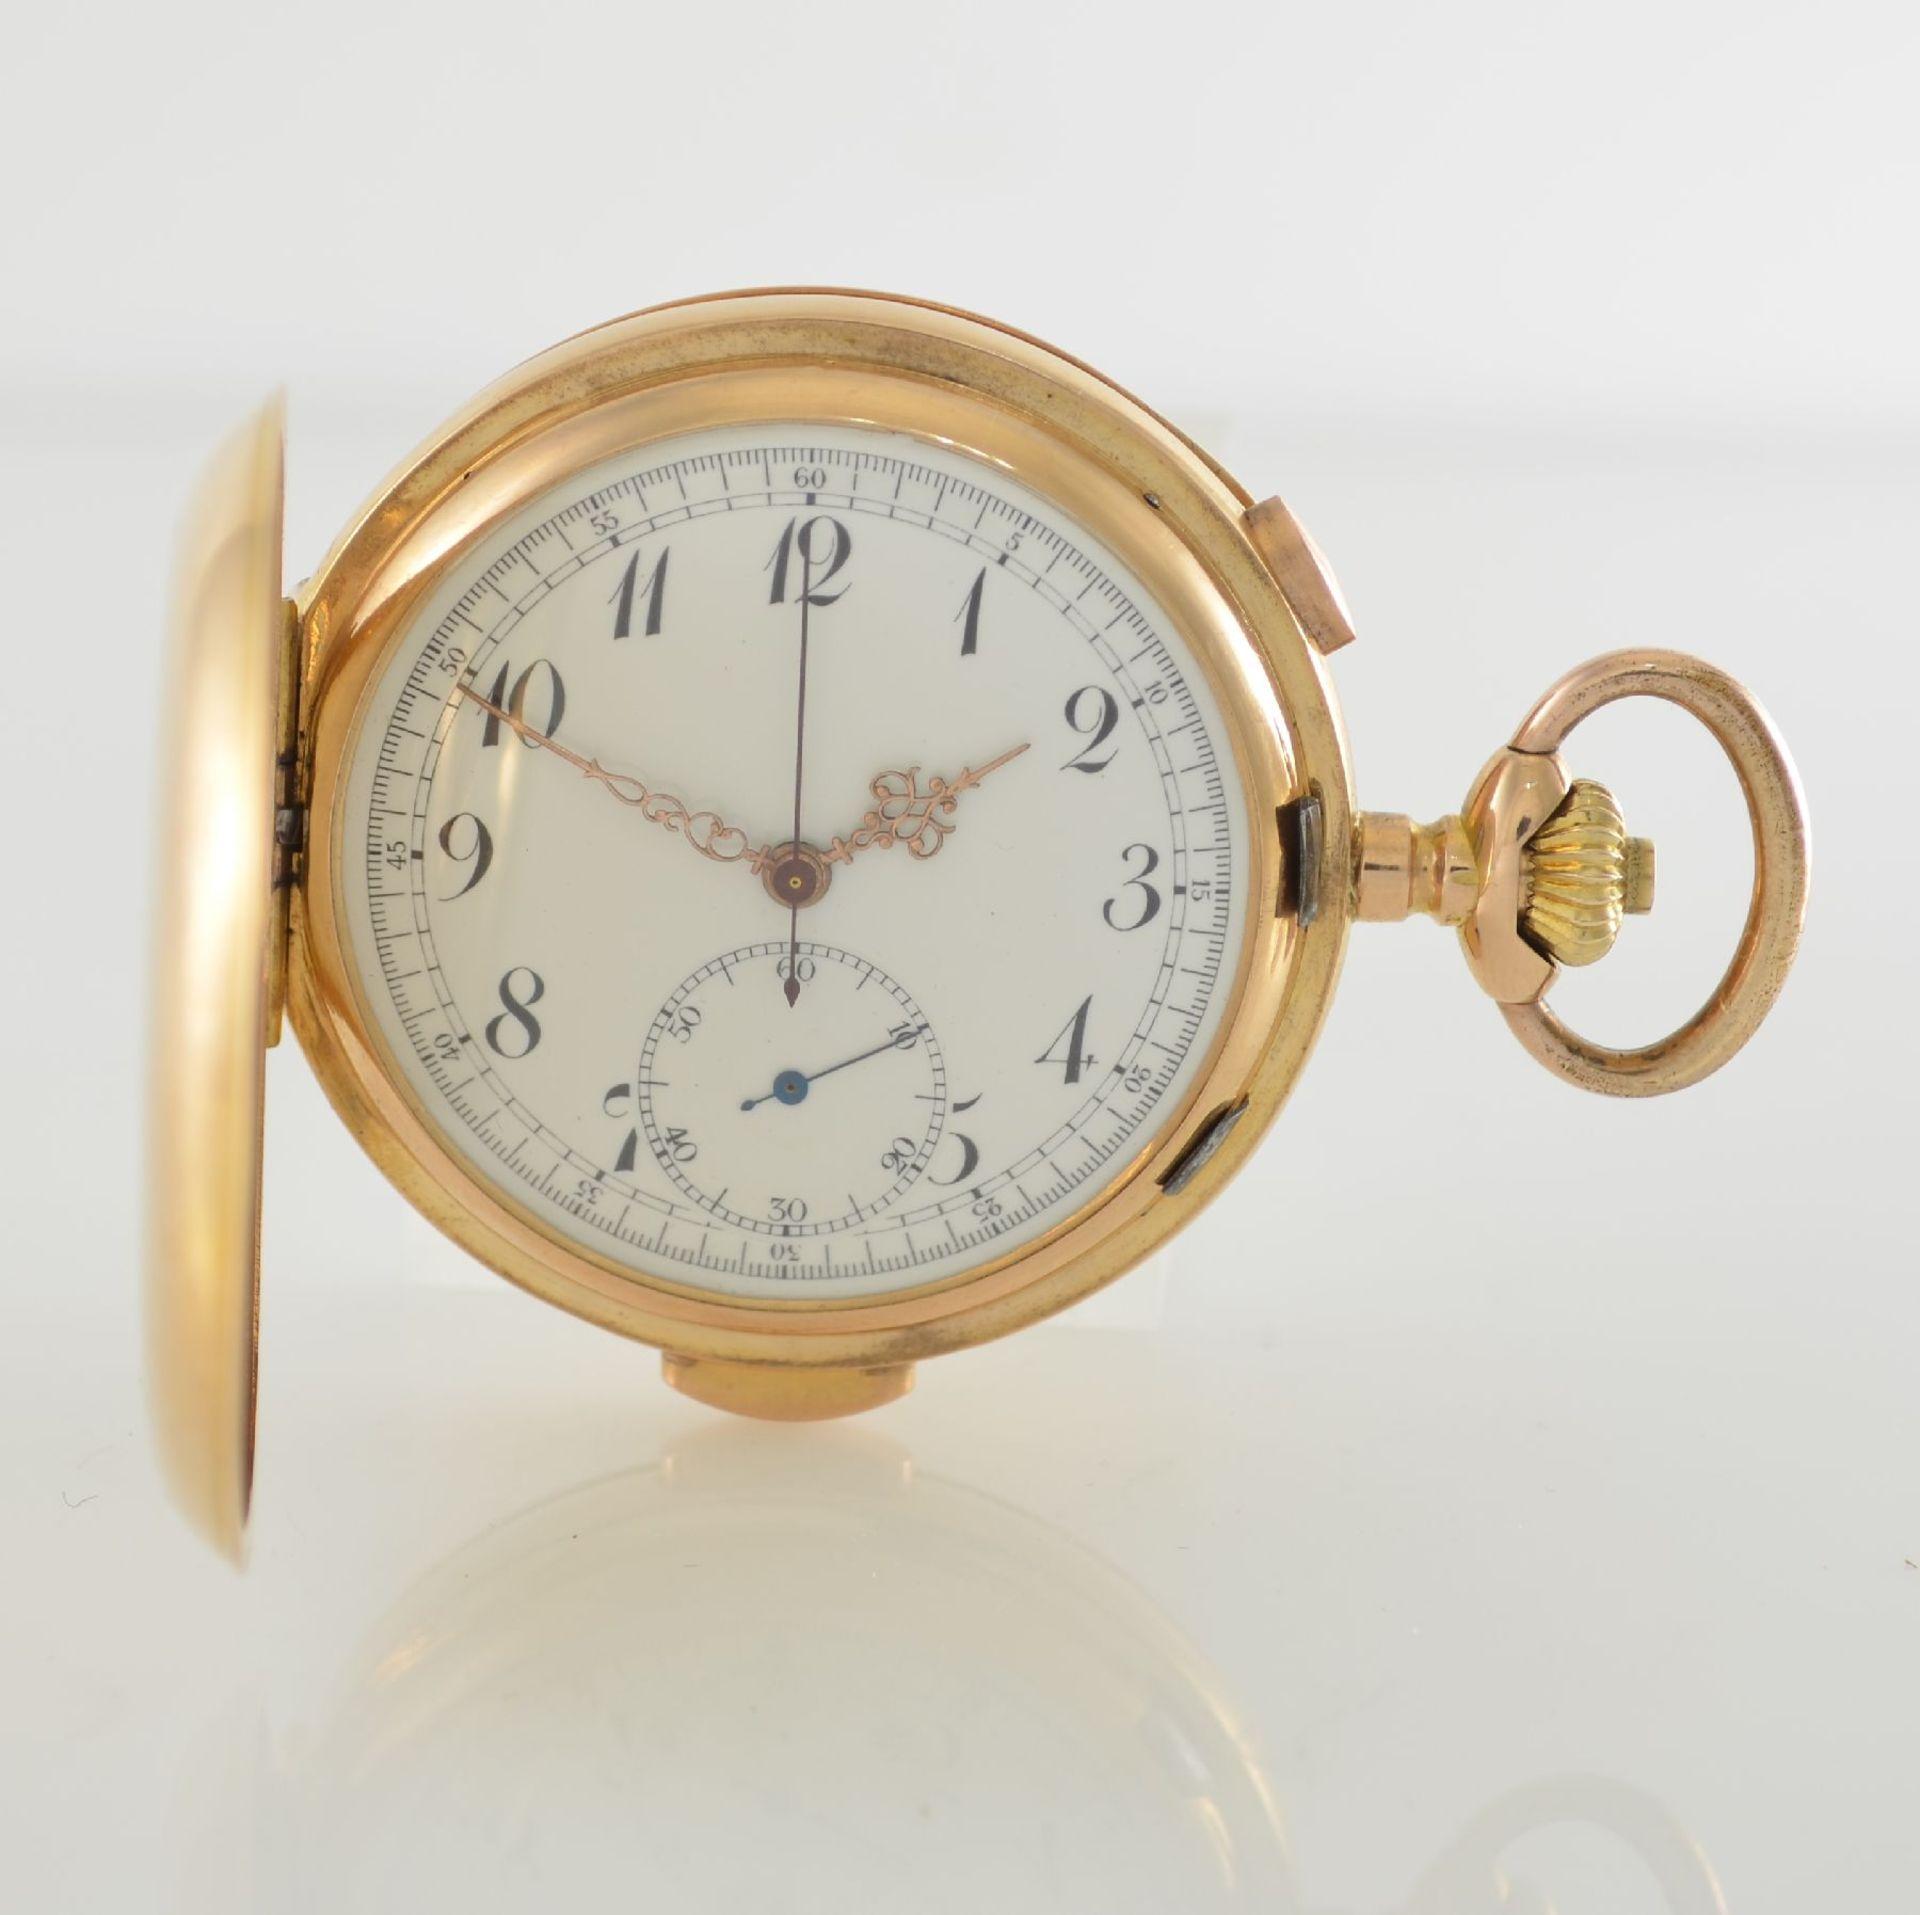 Herrensavonette mit 1/4 Std.-Repetition & Chronograph in RG 750/000, Schweiz um 1910, glattes 3-